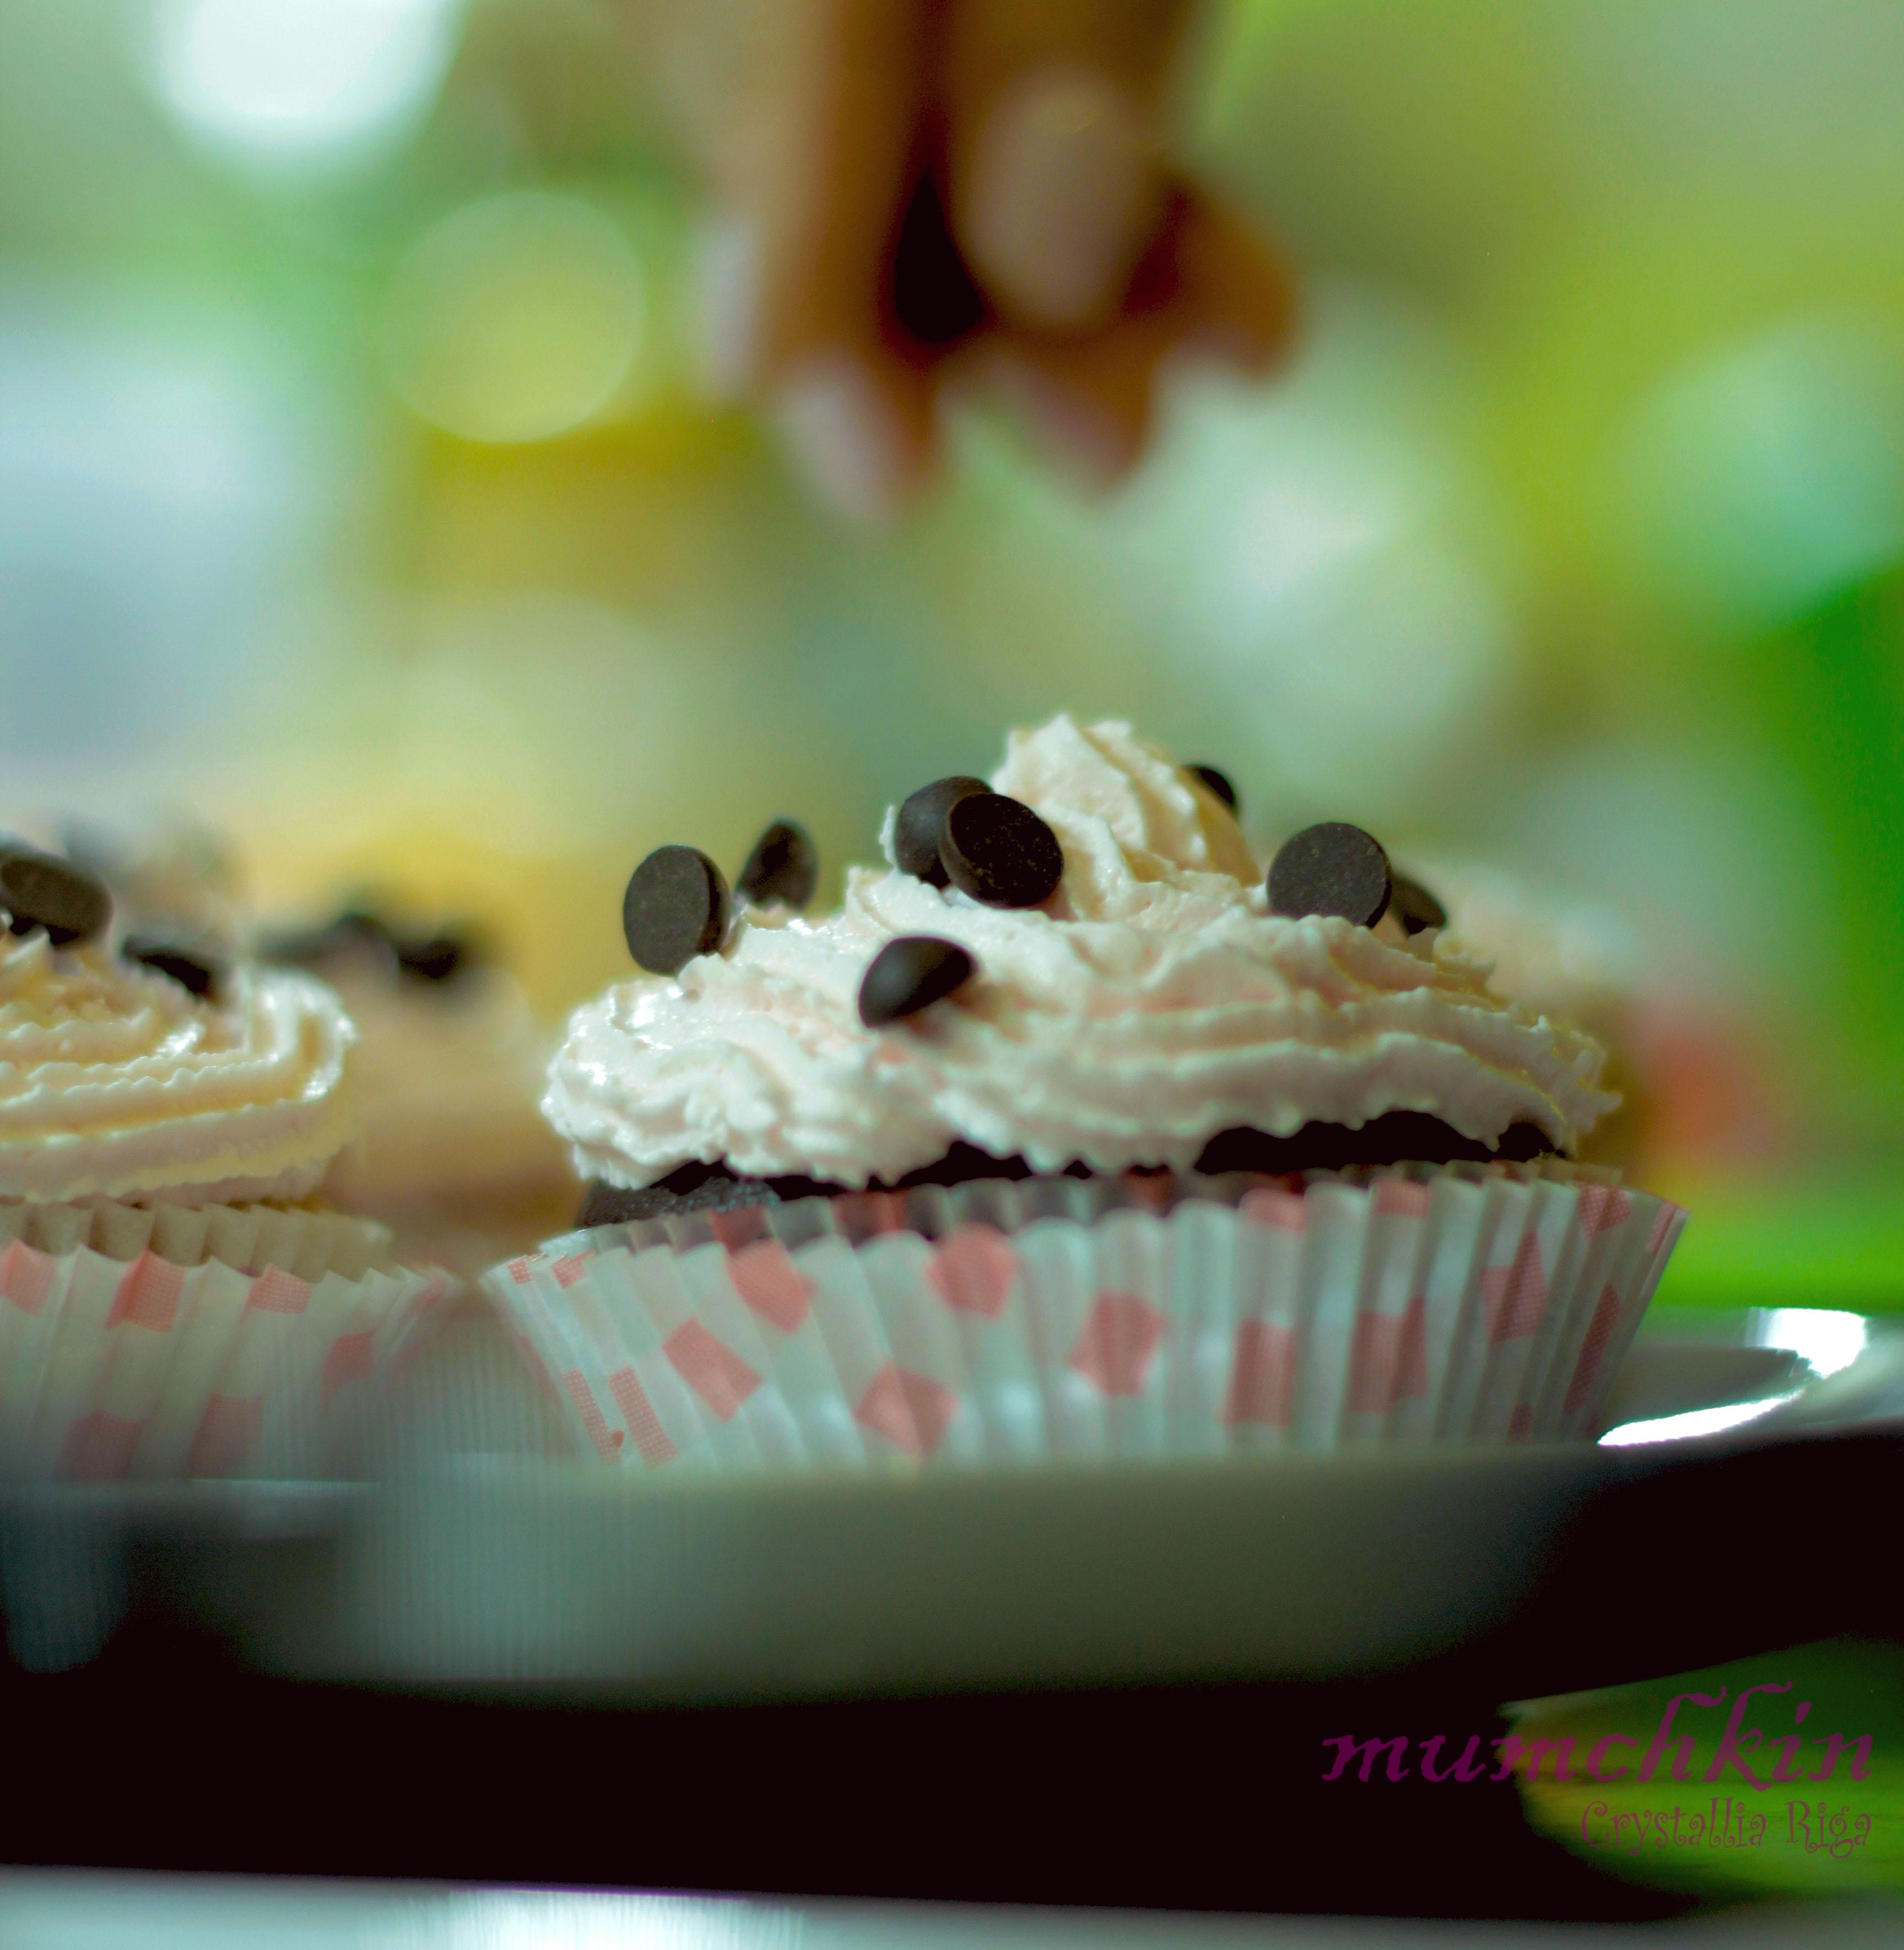 cupcakes-poluxroma-suntages-sweets-gluka-crystallia-ingolden-homemade-mumchkin